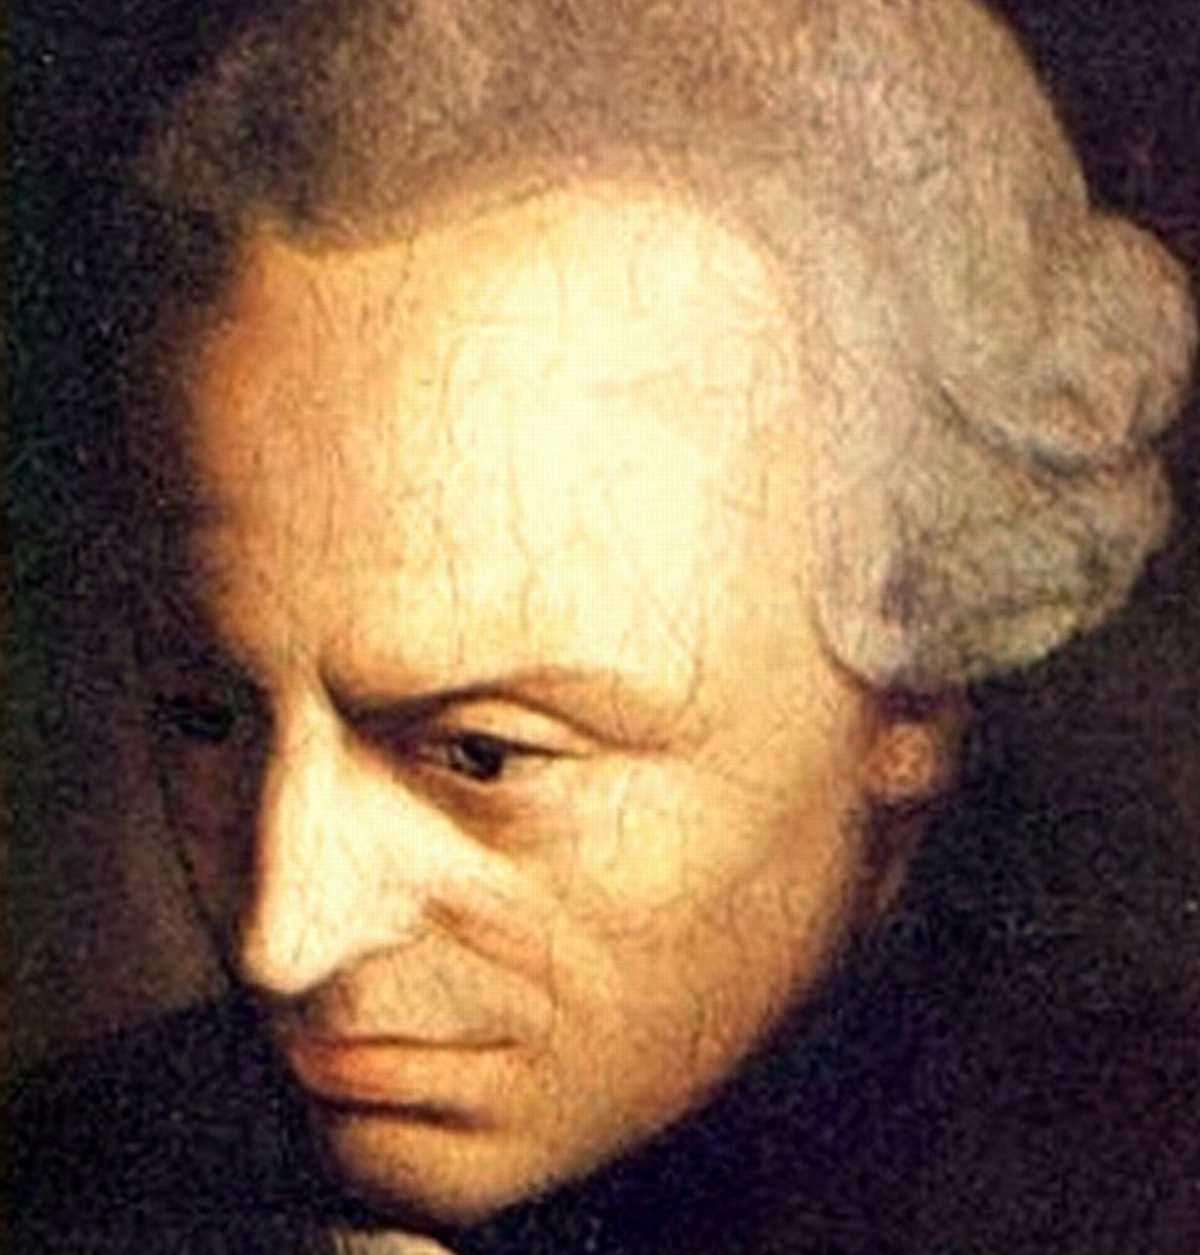 Immanuel Kant: quién fue y frases del célebre filósofo que puedes aplicar hoy en día